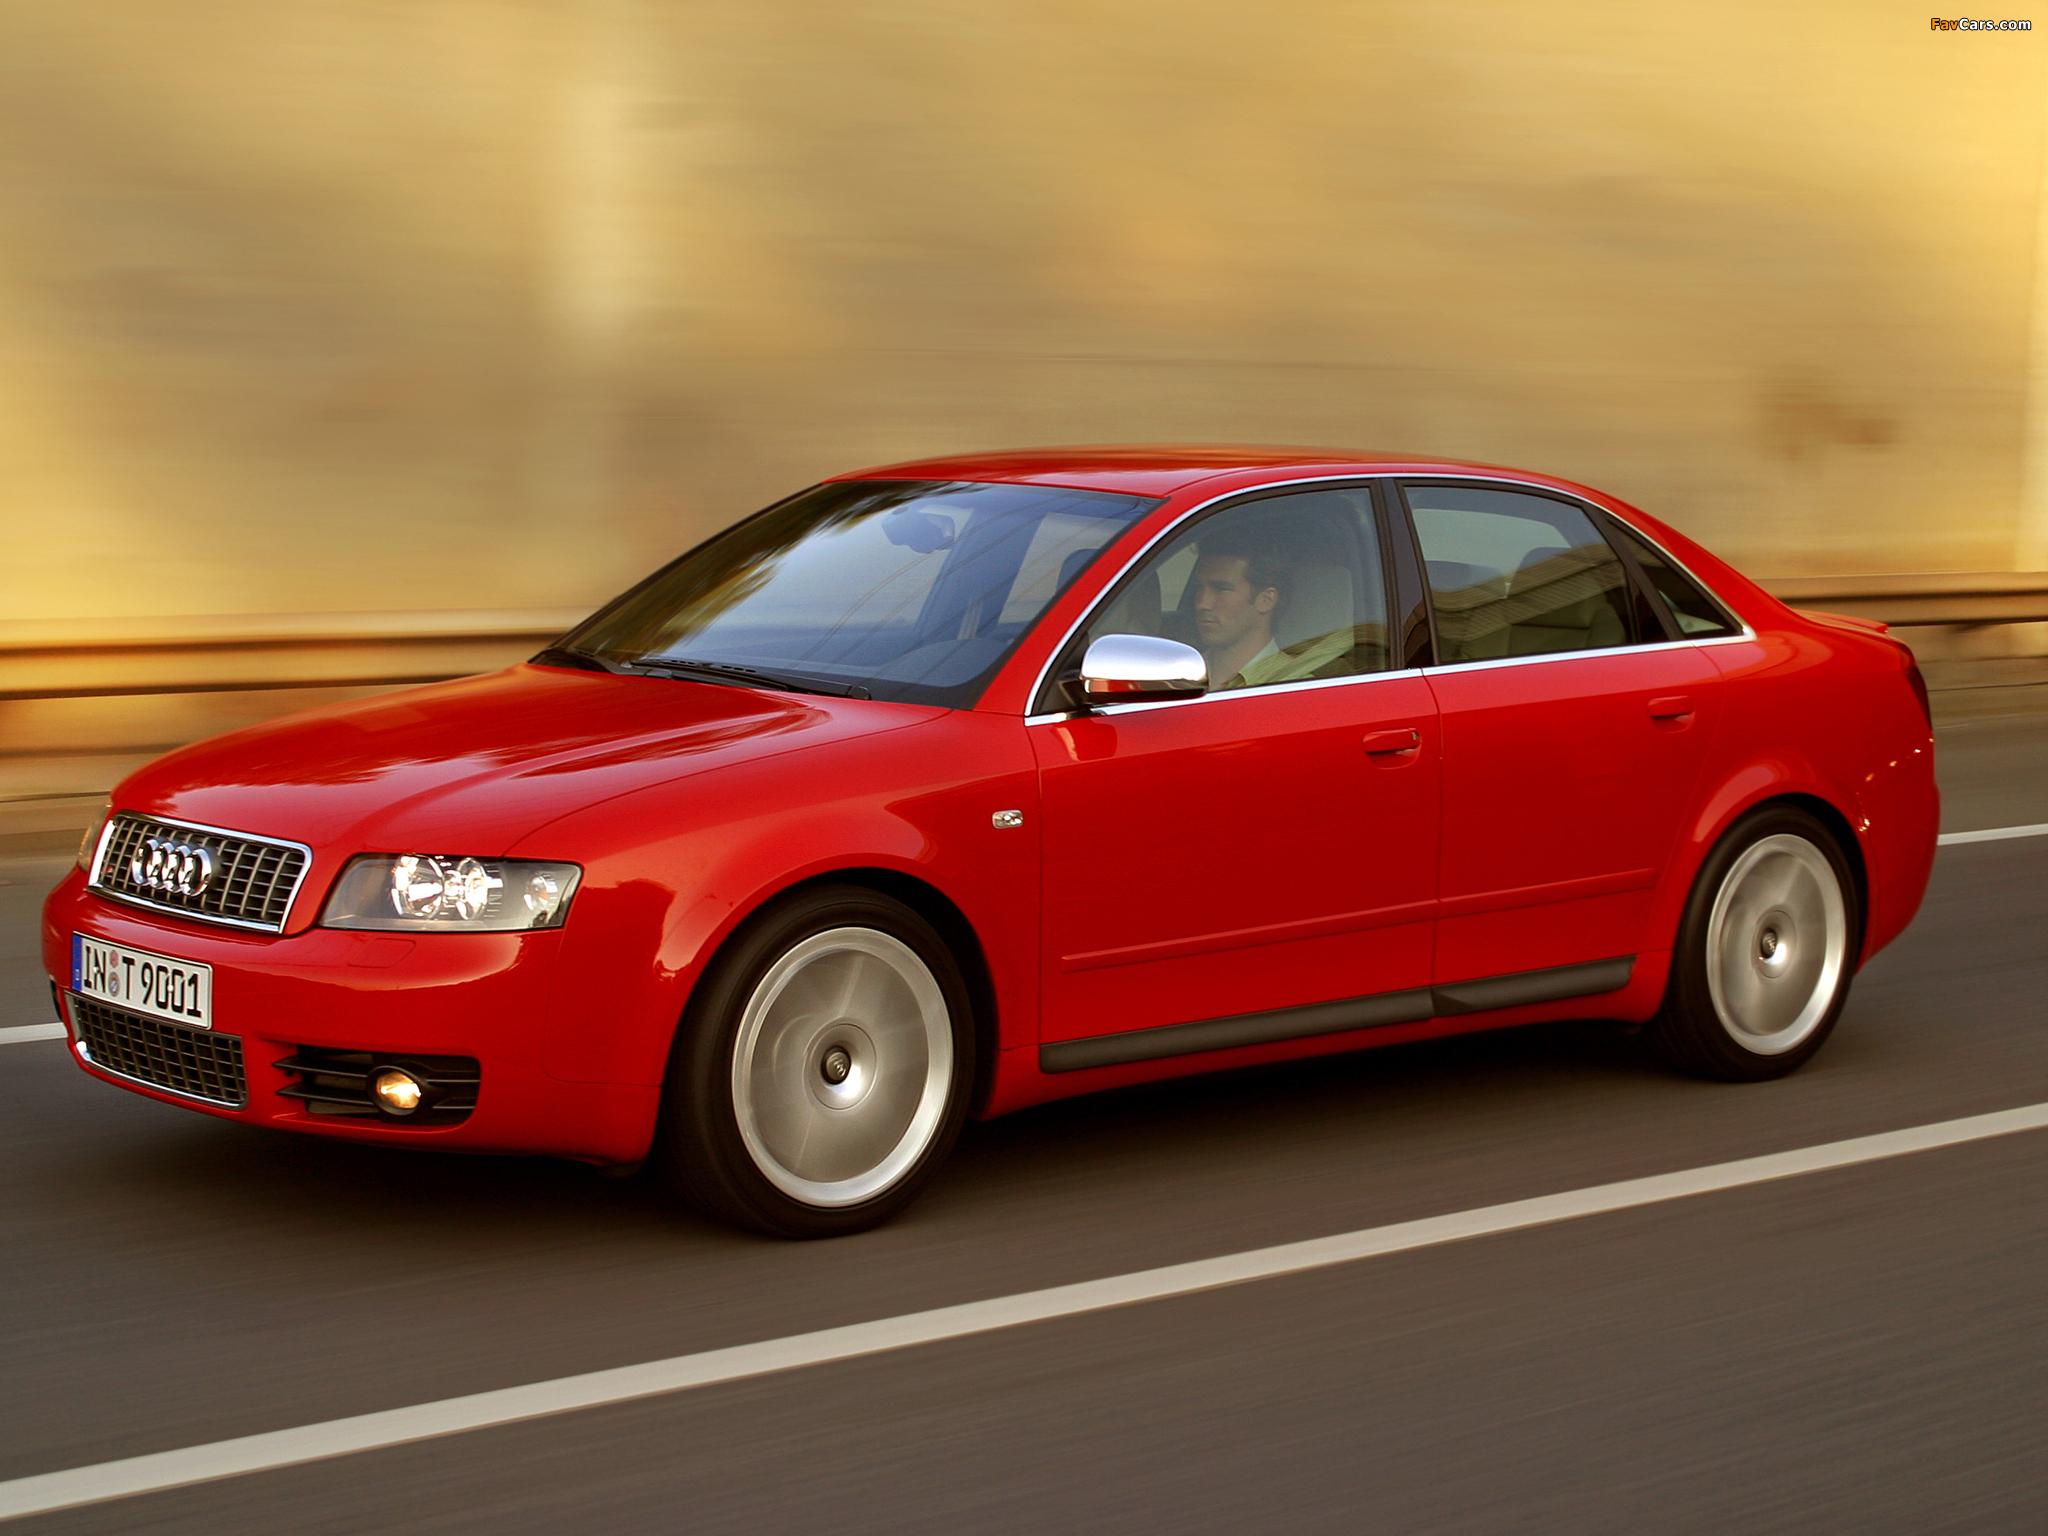 Audi S4 Sedan B6 8e 2003 05 Images 2048x1536